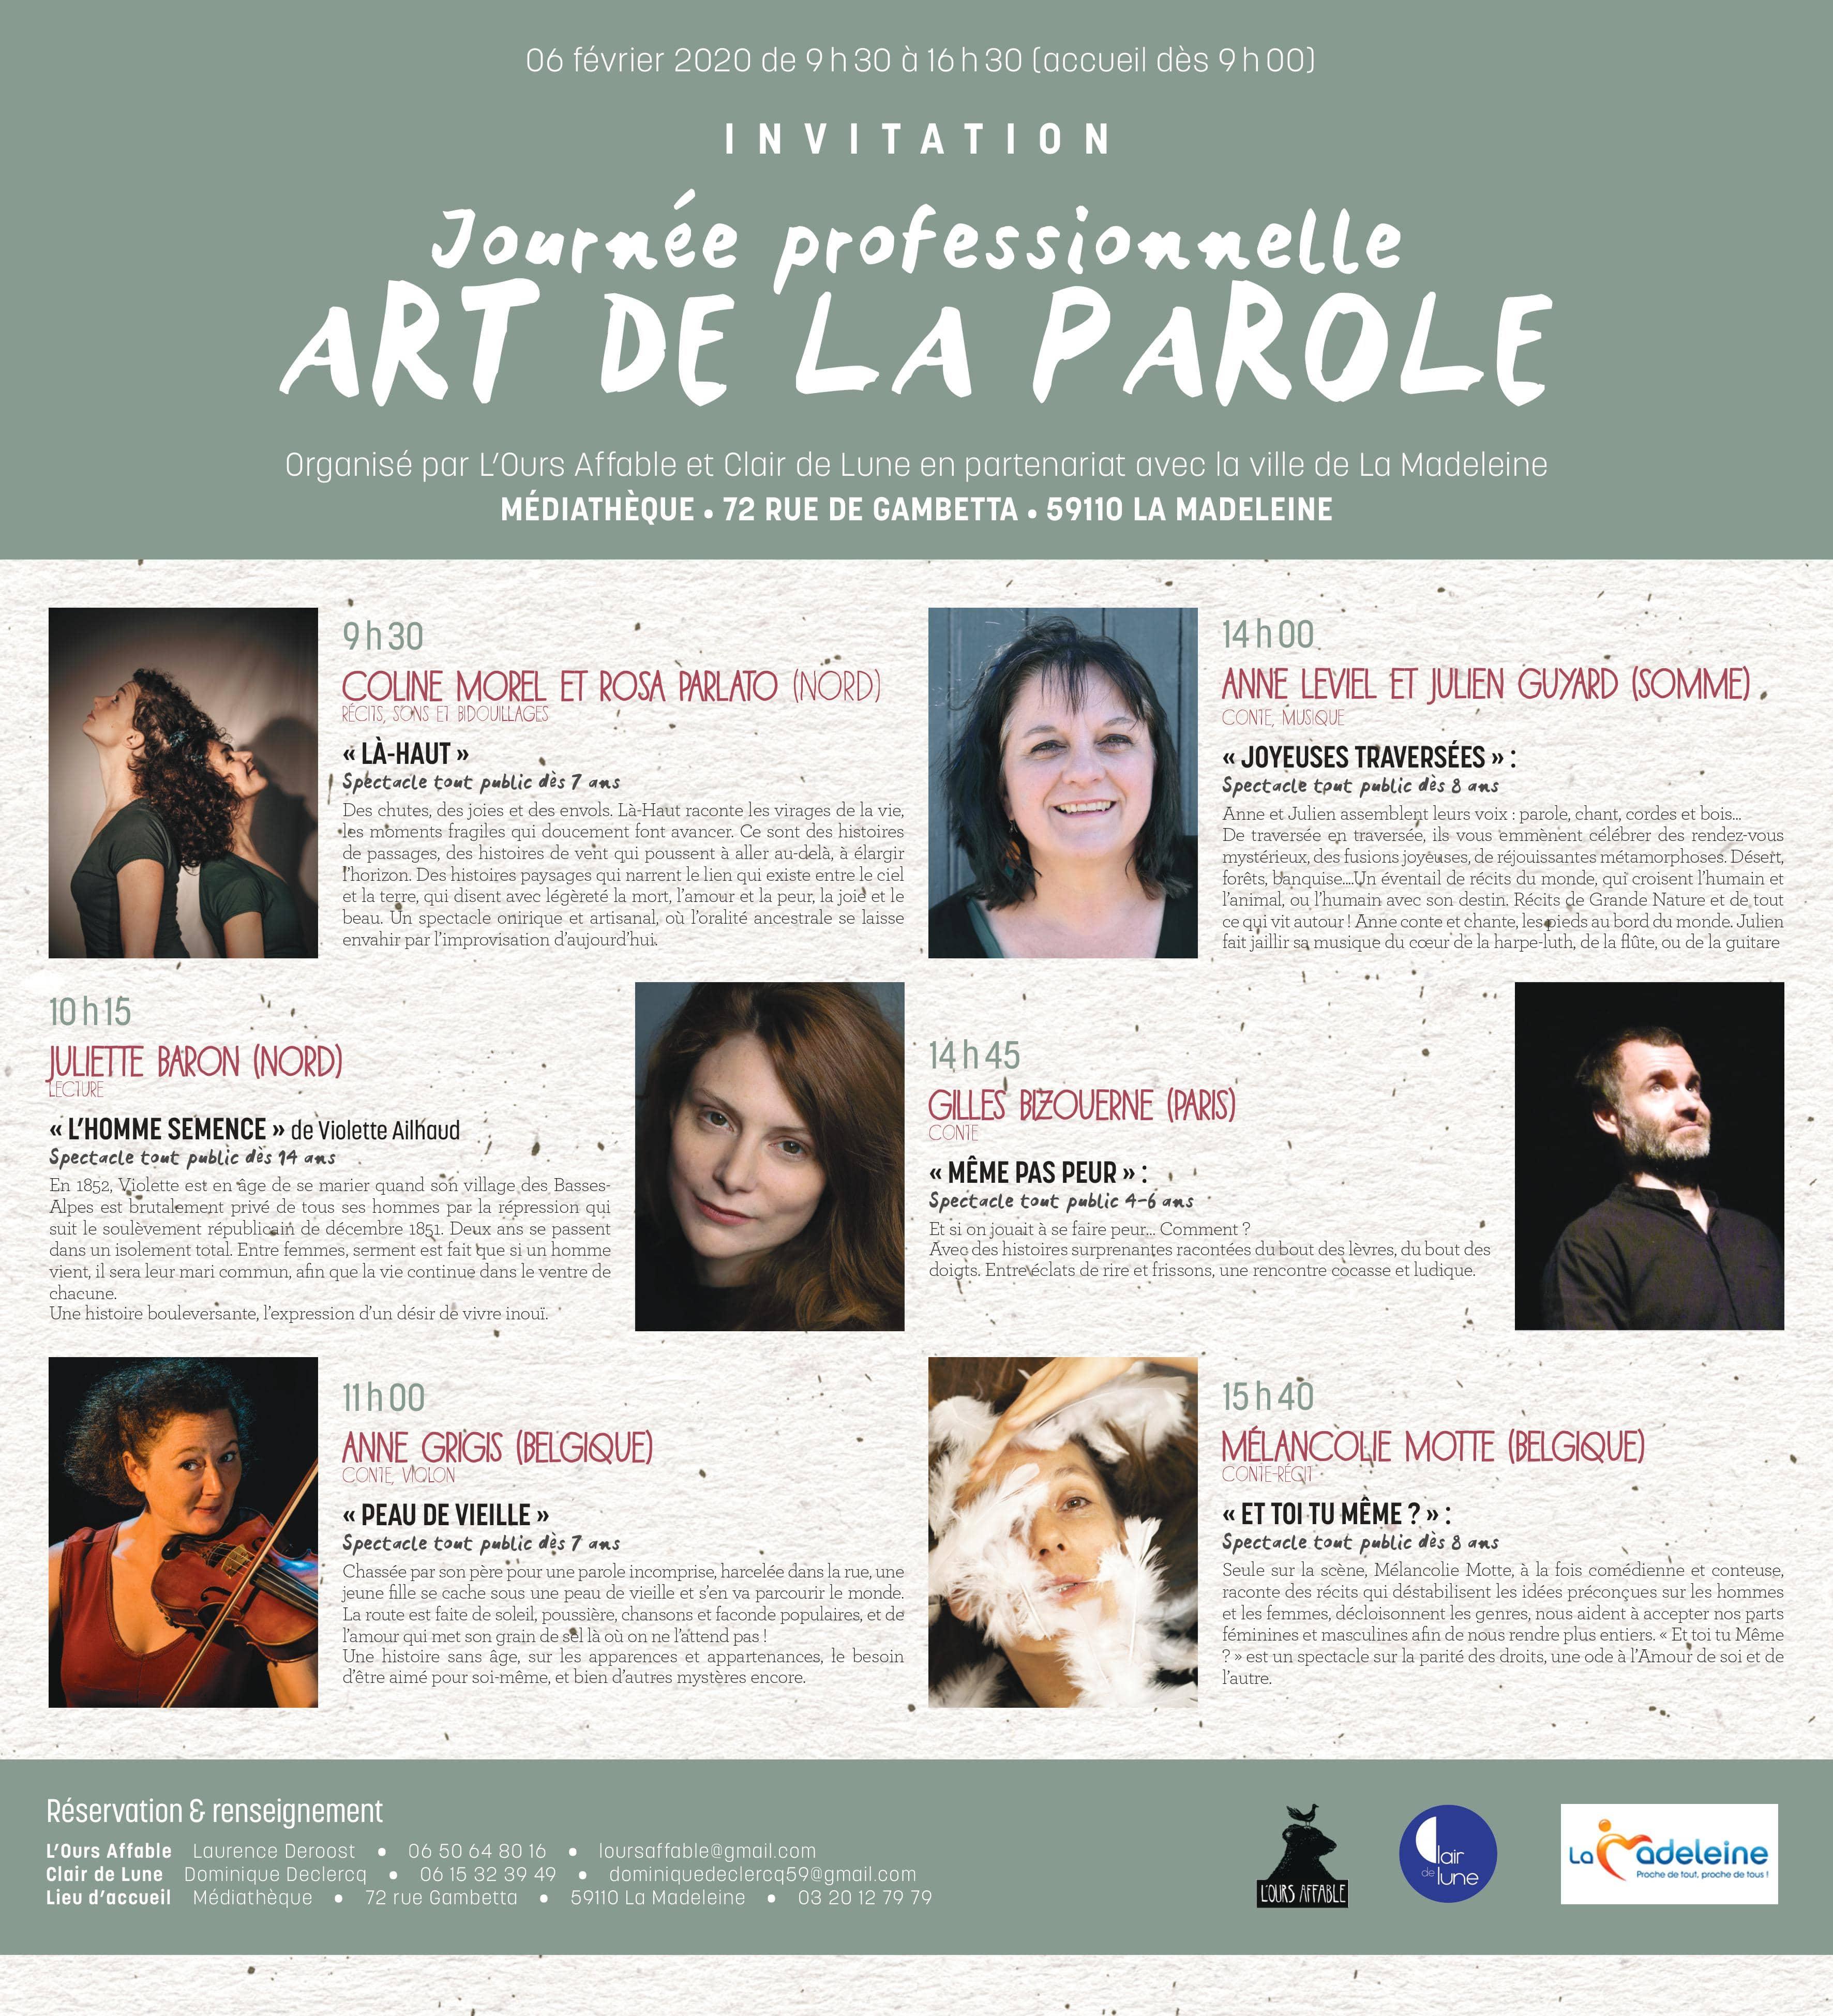 Journée professionnelle Art de la Parole - La Madeleine (59)